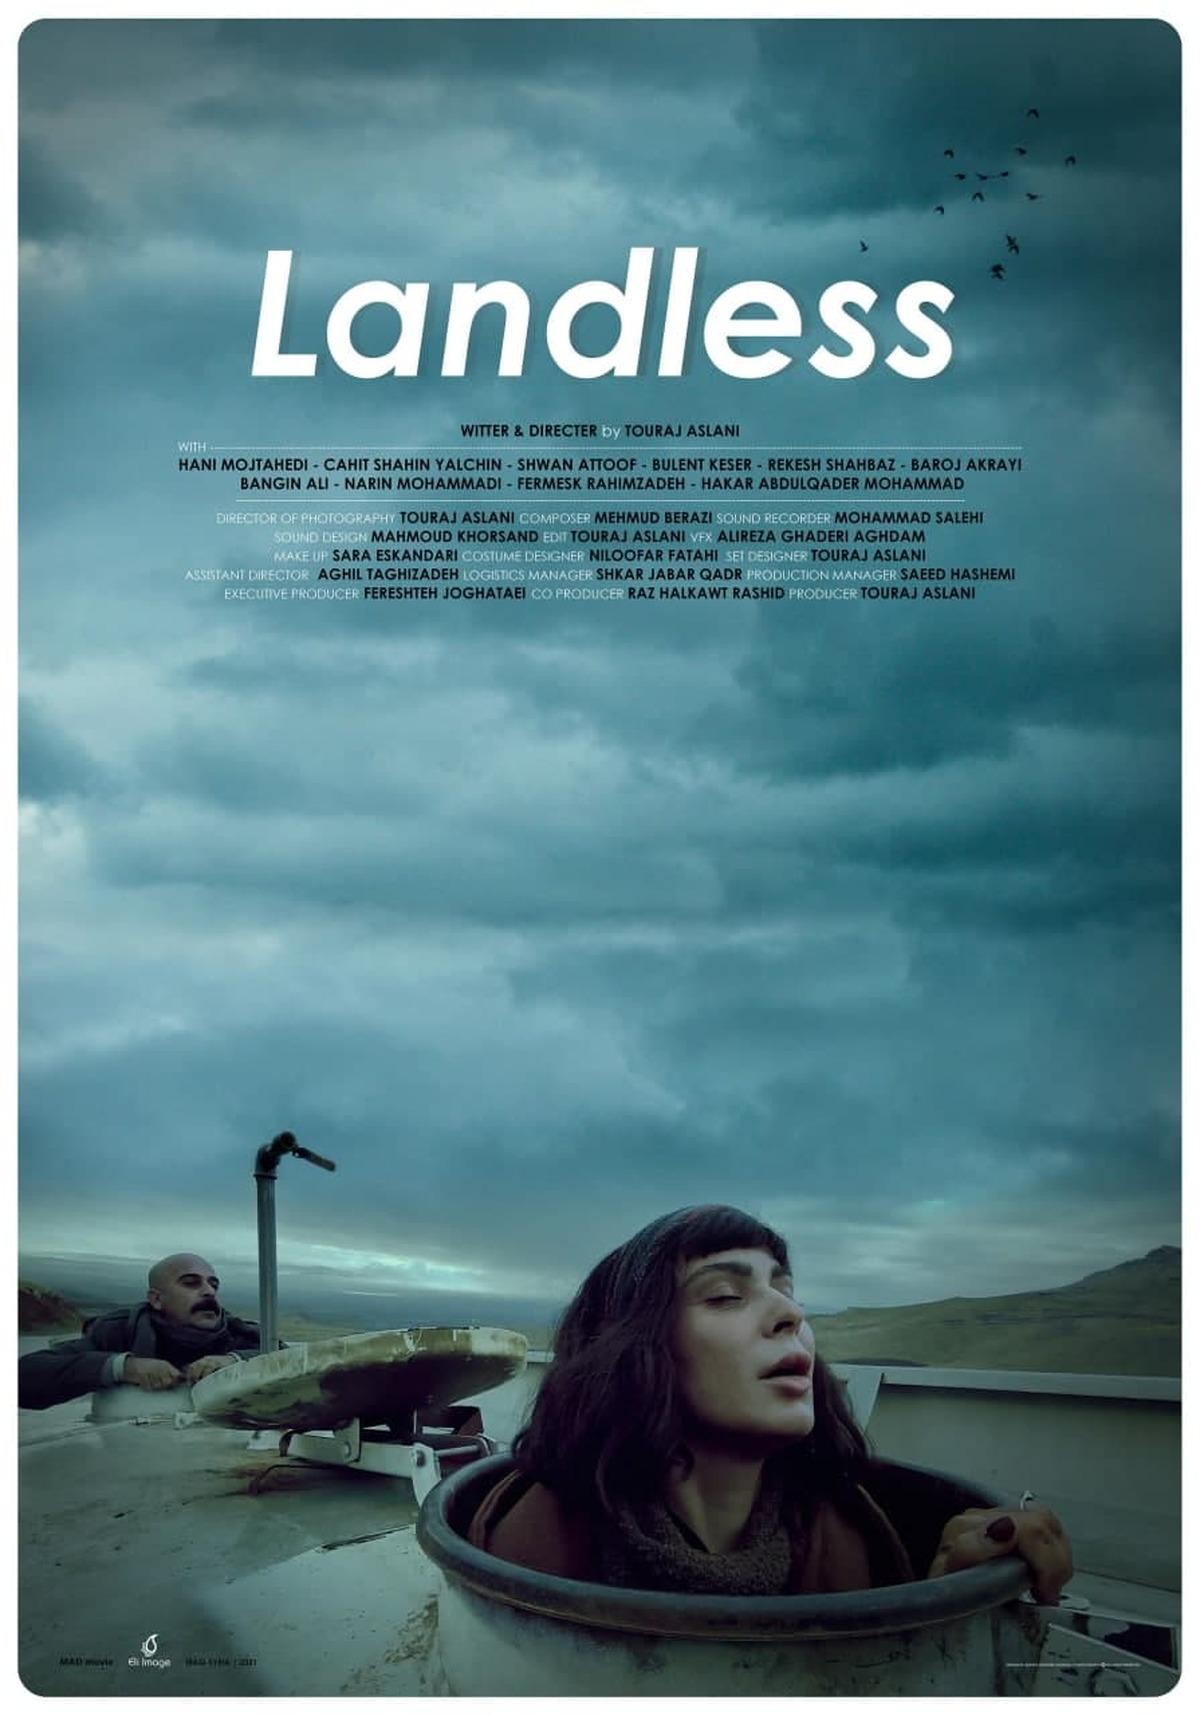 رونمایی از پوستر انگلیسی «بی سرزمین» آخرین فیلم تورج اصلانی +عکس